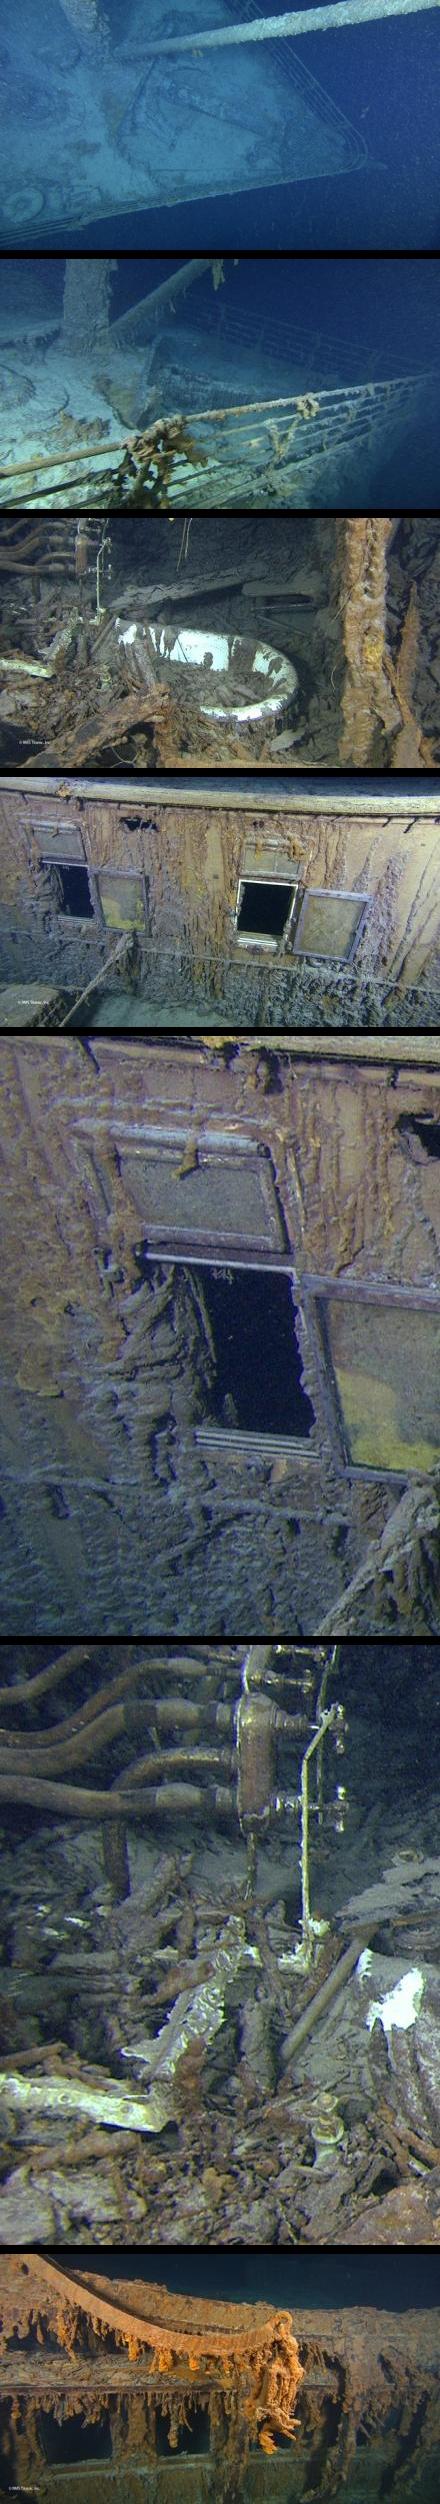 Впервые обнародованы уникальные снимки «Титаника ...: http://belovan.ucoz.ru/publ/zagadki_istorii/vpervye_obnarodovany_unikalnye_snimki_titanika/5-1-0-86